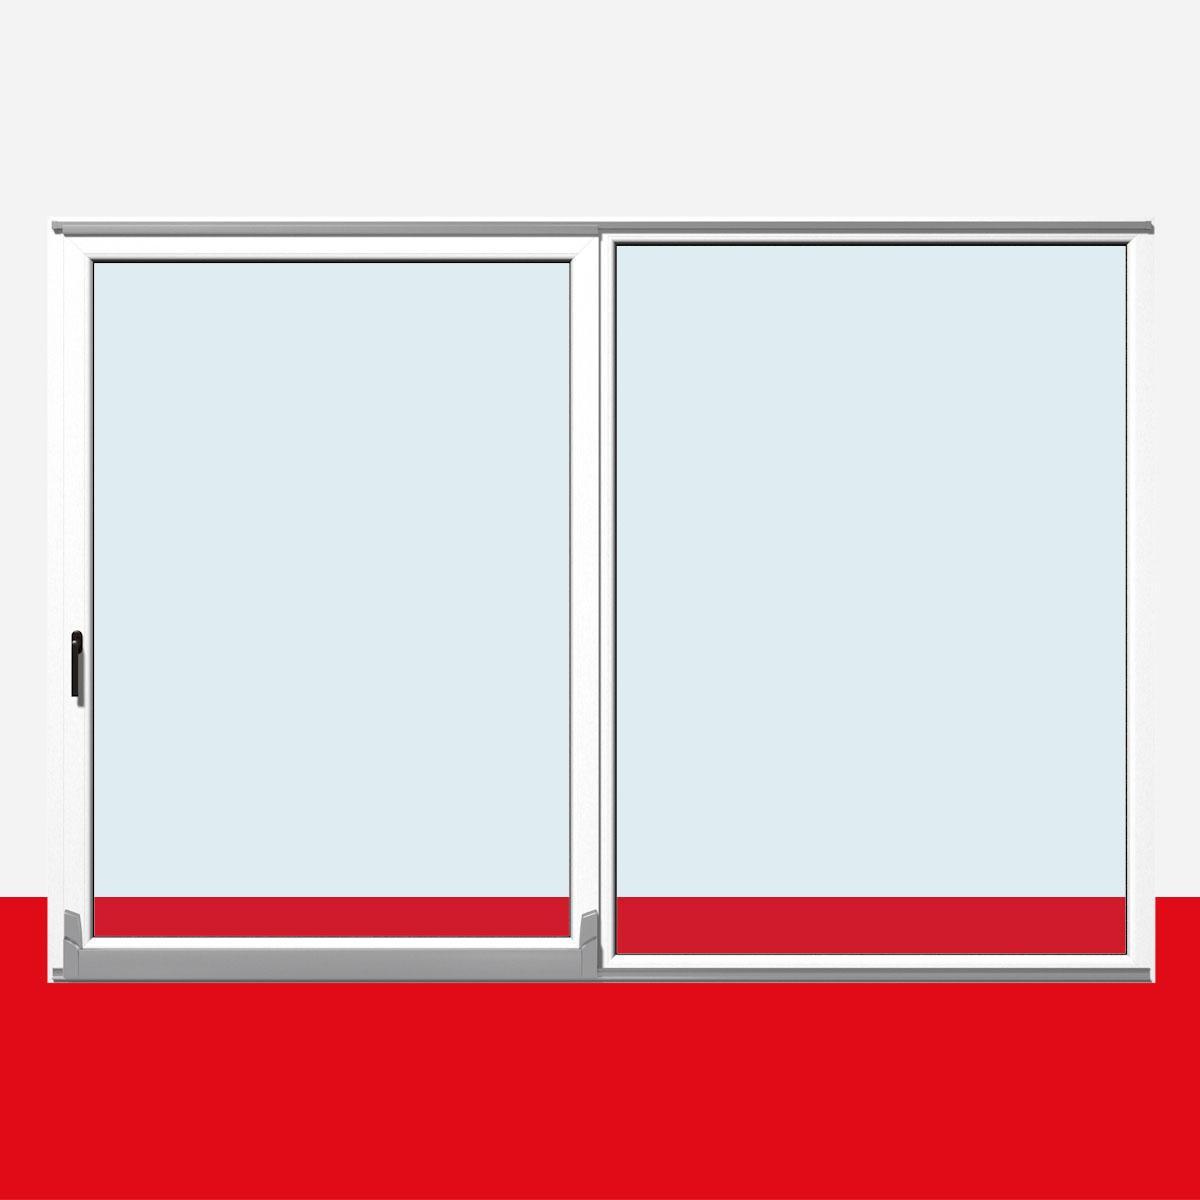 Schiebetür außen kunststoff  Parallel Schiebe Kipp Tür Schiebetür PSK Kunststoff Weiß Shop PSK ...